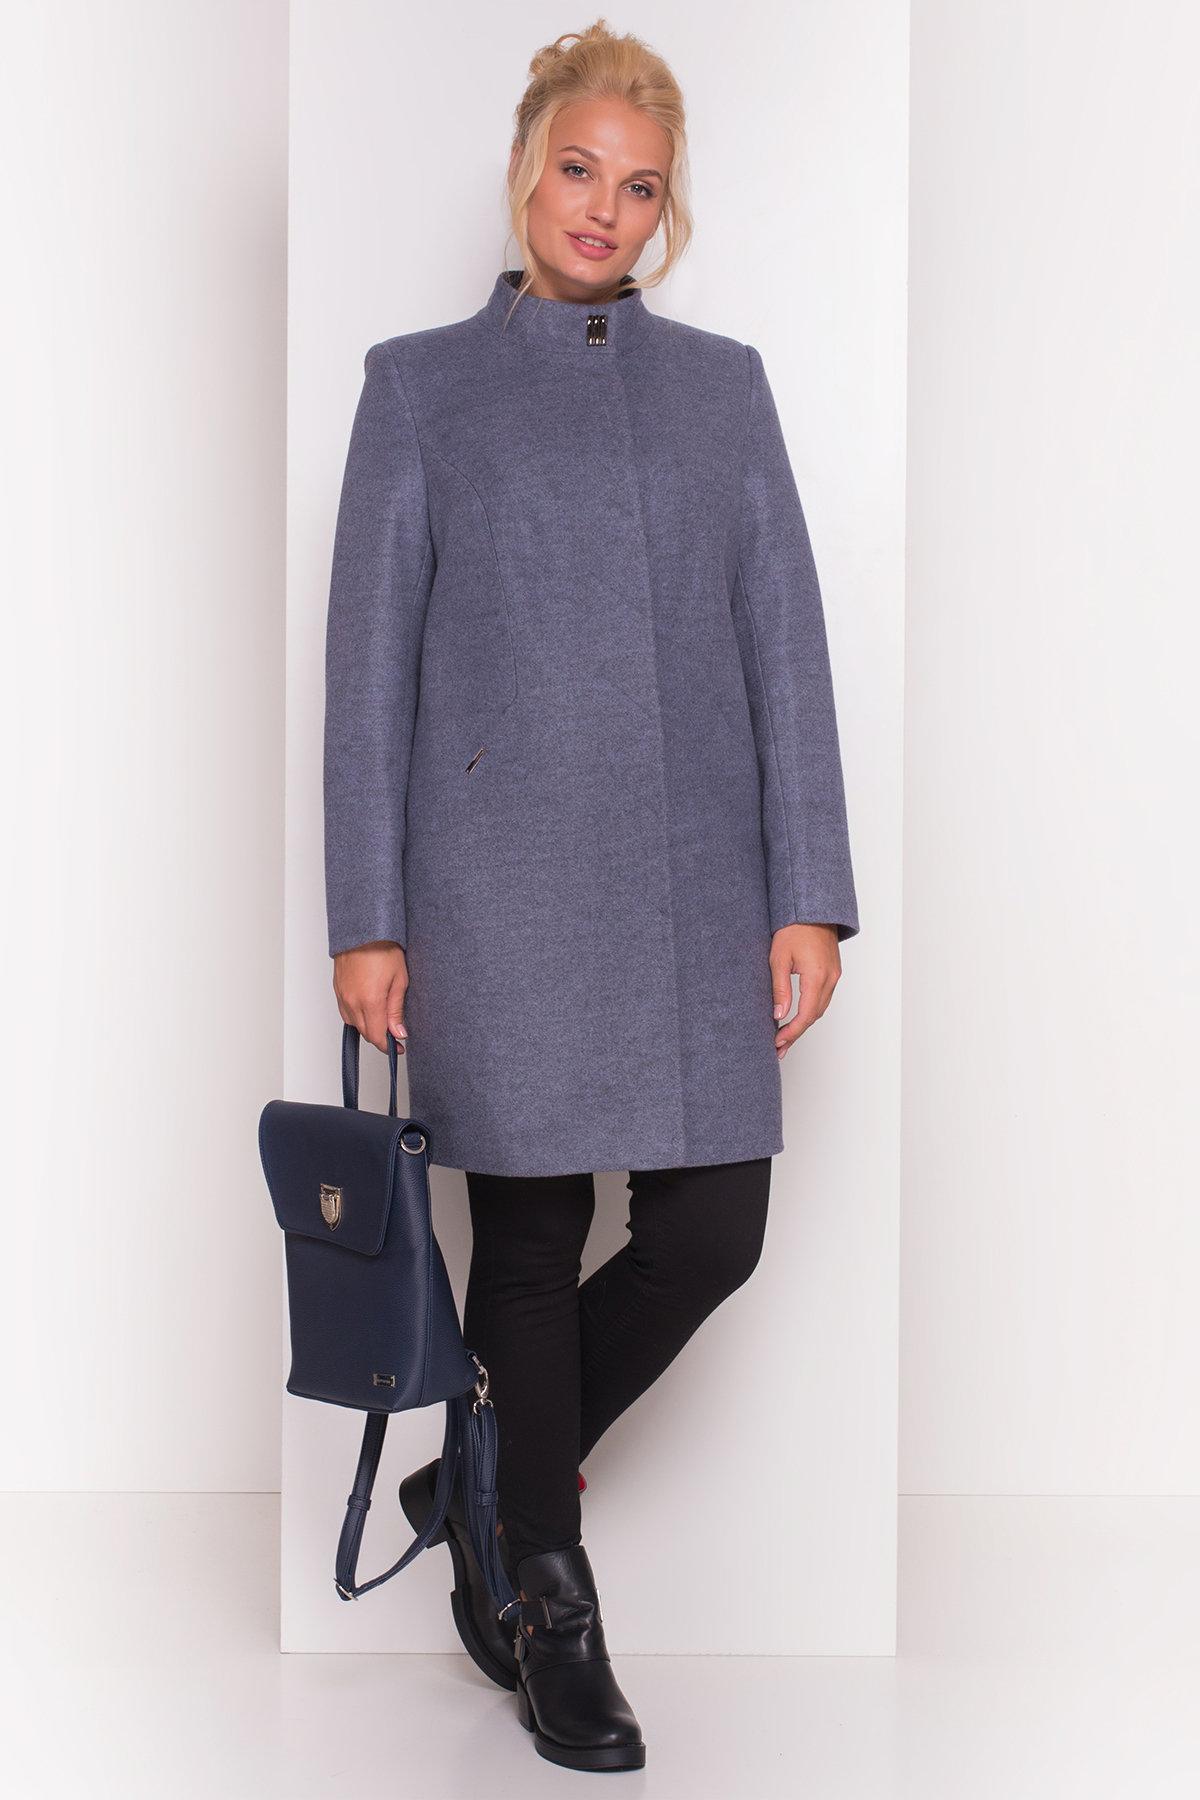 Пальто Сплит DONNA 4466 Цвет: Серый 3